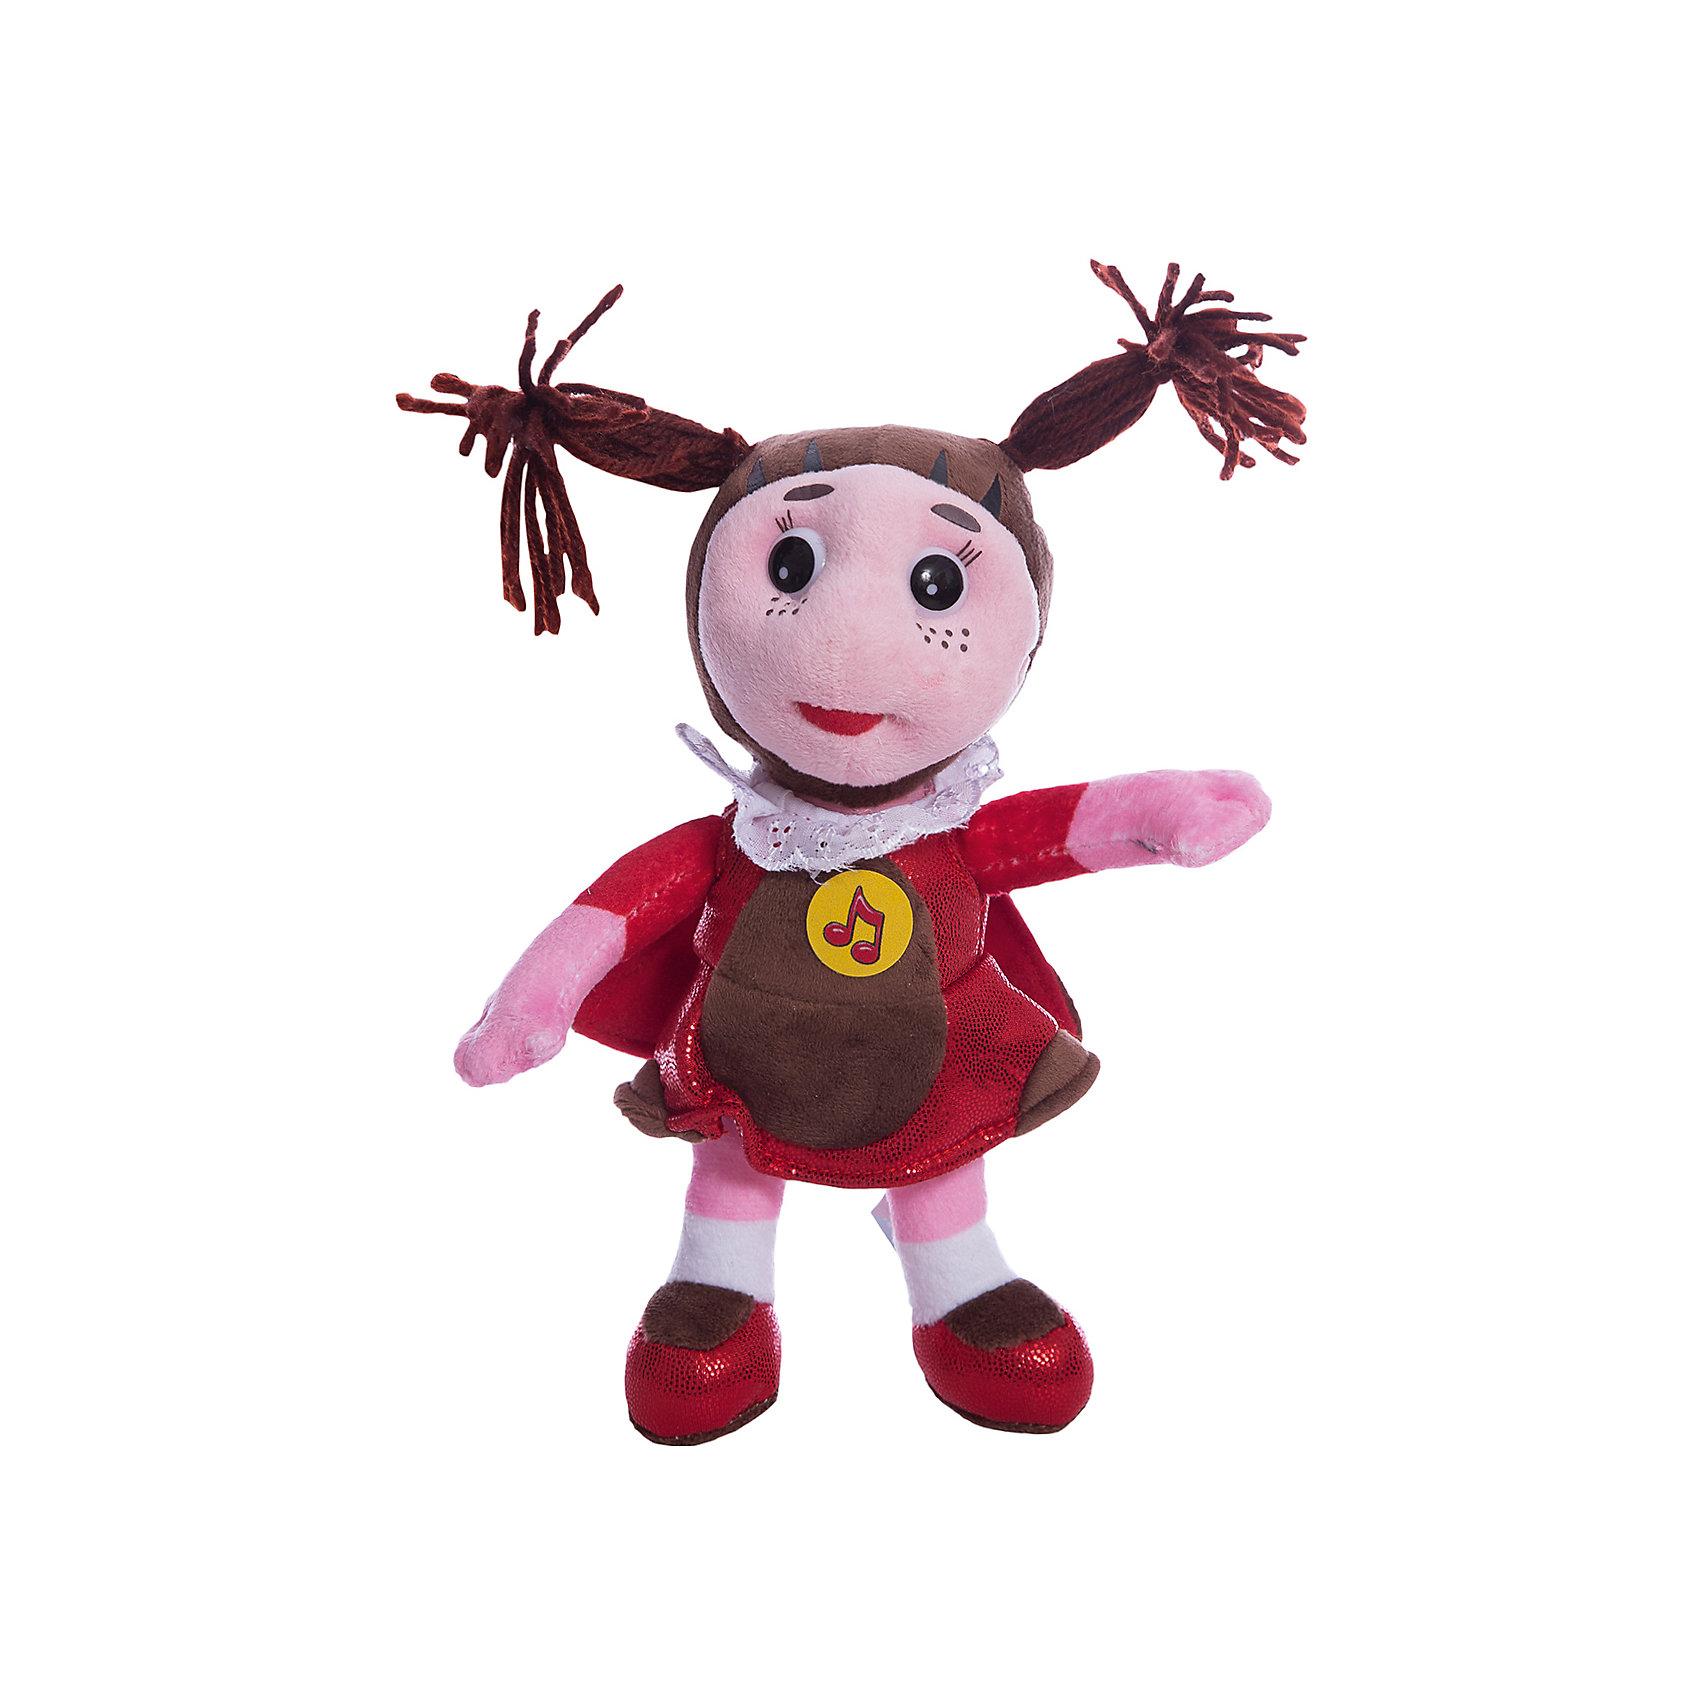 Мягкая игрушка Мила, 21см, со звуком, Лунтик и его друзья, МУЛЬТИ-ПУЛЬТИЛюбимые герои<br>Мягкая игрушка Мила, 21см, со звуком, Лунтик и его друзья, Мульти-Пульти.<br><br>Характеристика:<br><br>• Материал: текстиль, плюш, пластик.    <br>• Высота игрушки: 21 см.<br>• Звуковые эффекты. <br>• Мягкая, приятная на ощупь.<br><br>Дети обожают мягкие игрушки, ведь с ними так приятно играть днем и уютно и спокойно засыпать ночью! Очаровательная Мила, героиня мультсериала Лунтик и его друзья, непременно понравится ребятам и развлечет их фразами из мультфильма. Озорные глаза, курносый носик и две задорные косички никого не оставят равнодушными. Игрушка очень мягкая и приятная на ощупь, изготовлена из высококачественных экологичных материалов.<br><br>Мягкую игрушку Мила, 21см, со звуком, Лунтик и его друзья, Мульти-Пульти, можно купить в нашем интернет-магазине.<br><br>Ширина мм: 60<br>Глубина мм: 120<br>Высота мм: 240<br>Вес г: 120<br>Возраст от месяцев: 12<br>Возраст до месяцев: 9<br>Пол: Унисекс<br>Возраст: Детский<br>SKU: 4950446